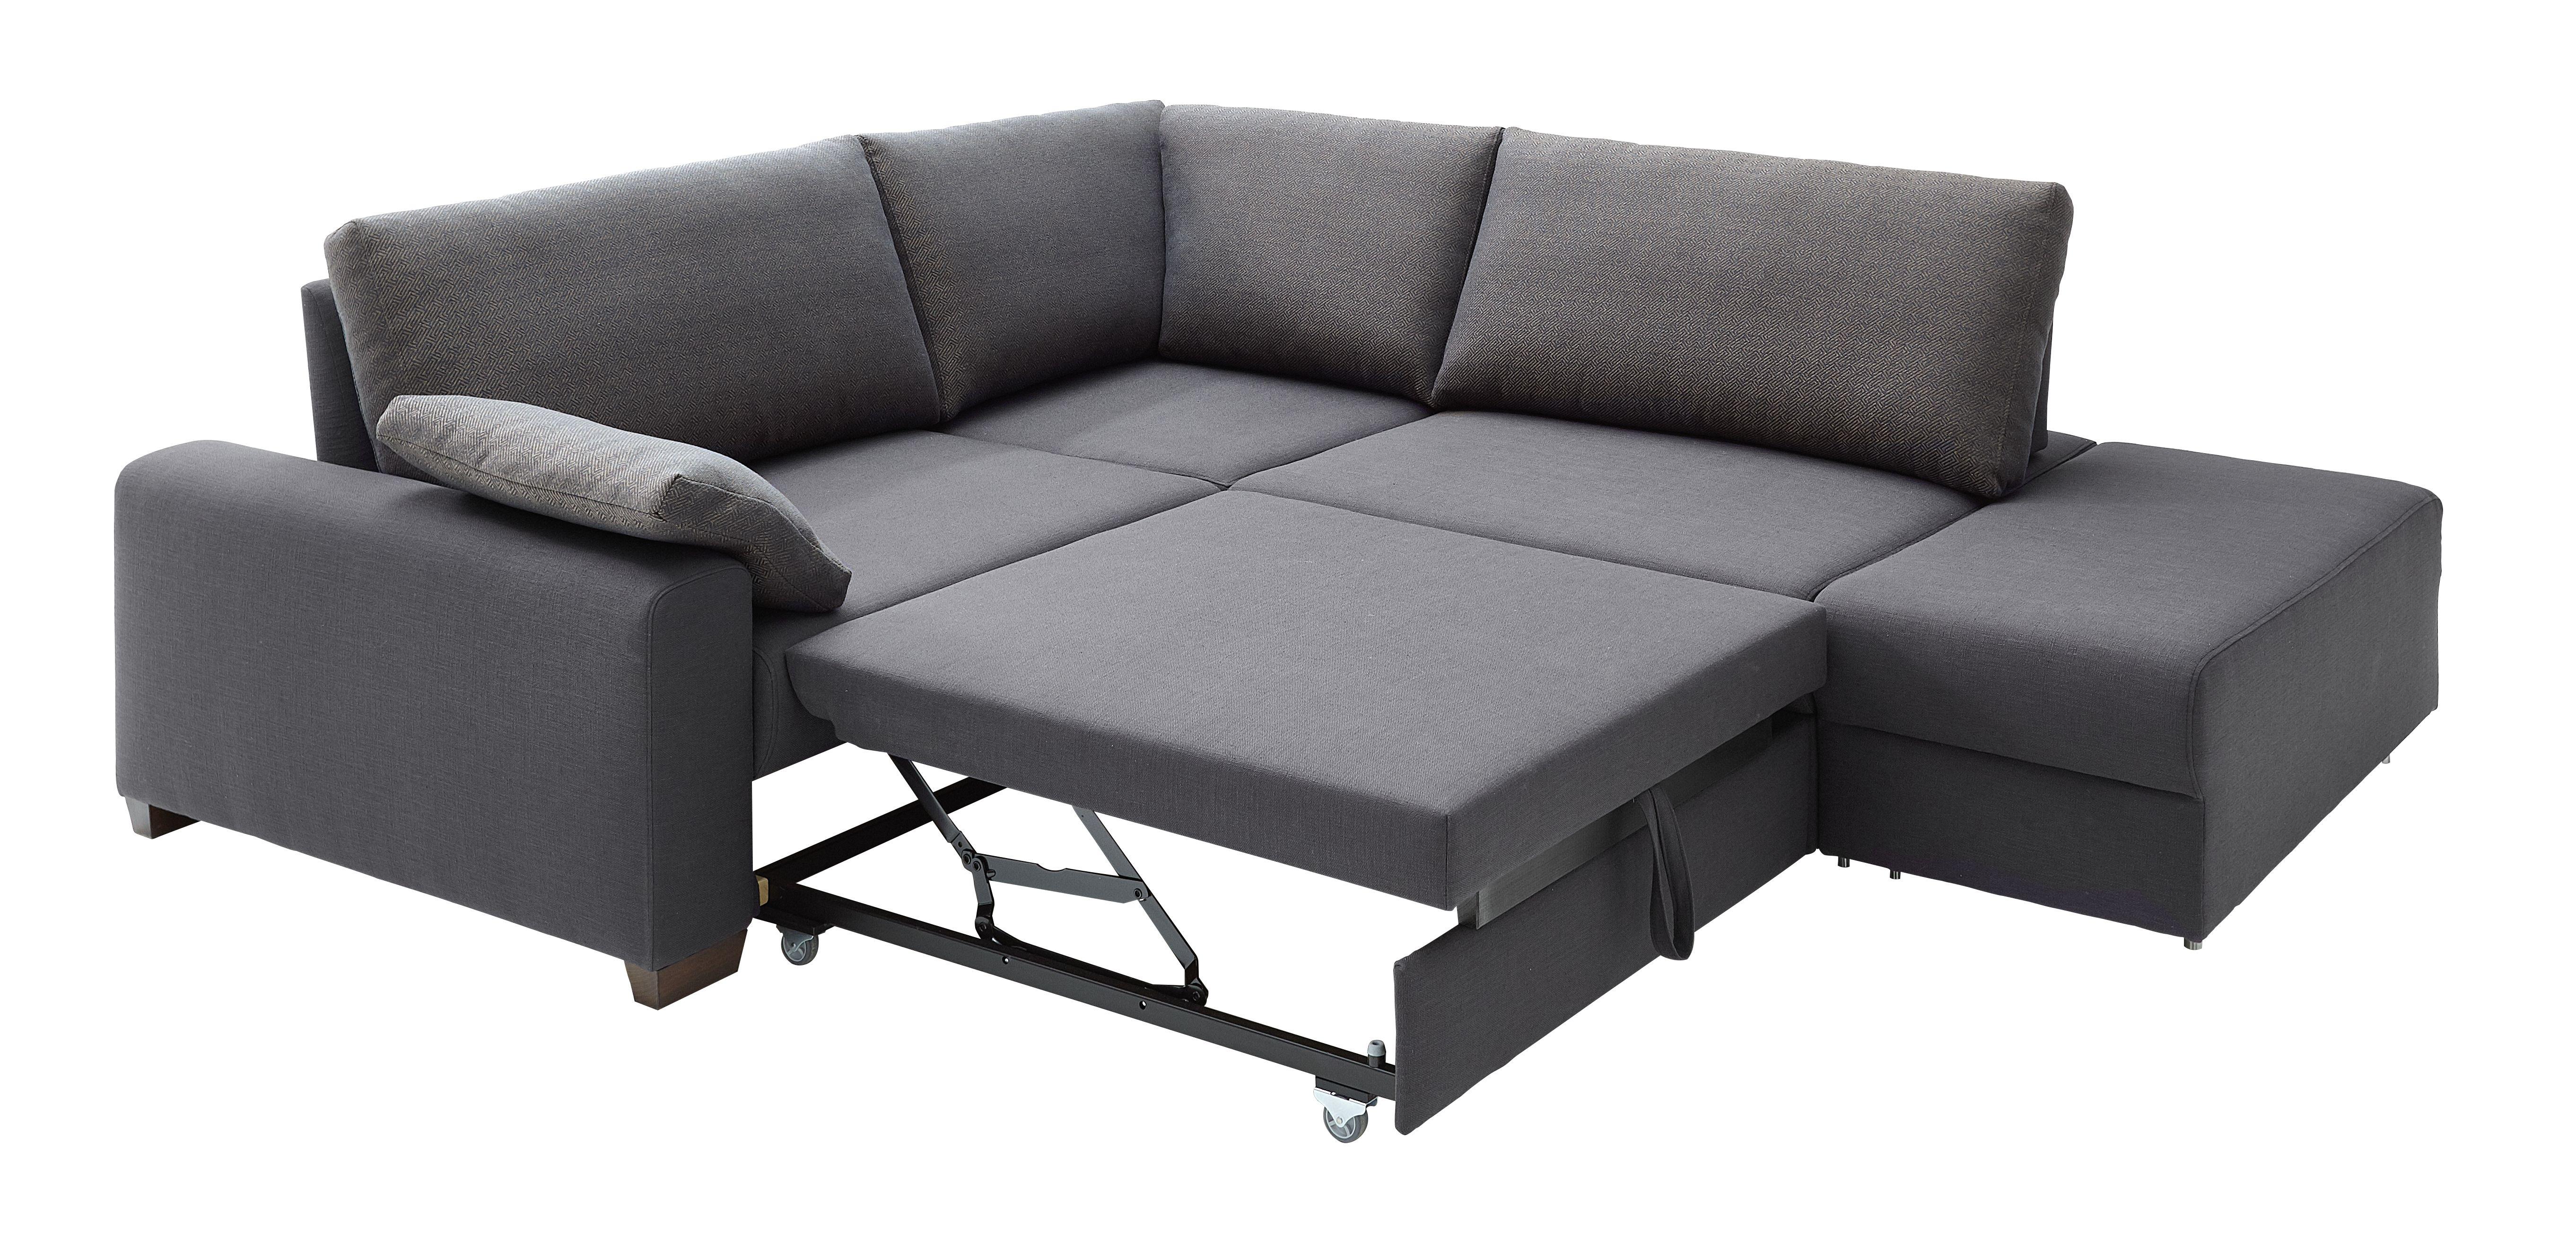 Moderne Eckgarnitur Mit Schlaffunktion In Grau